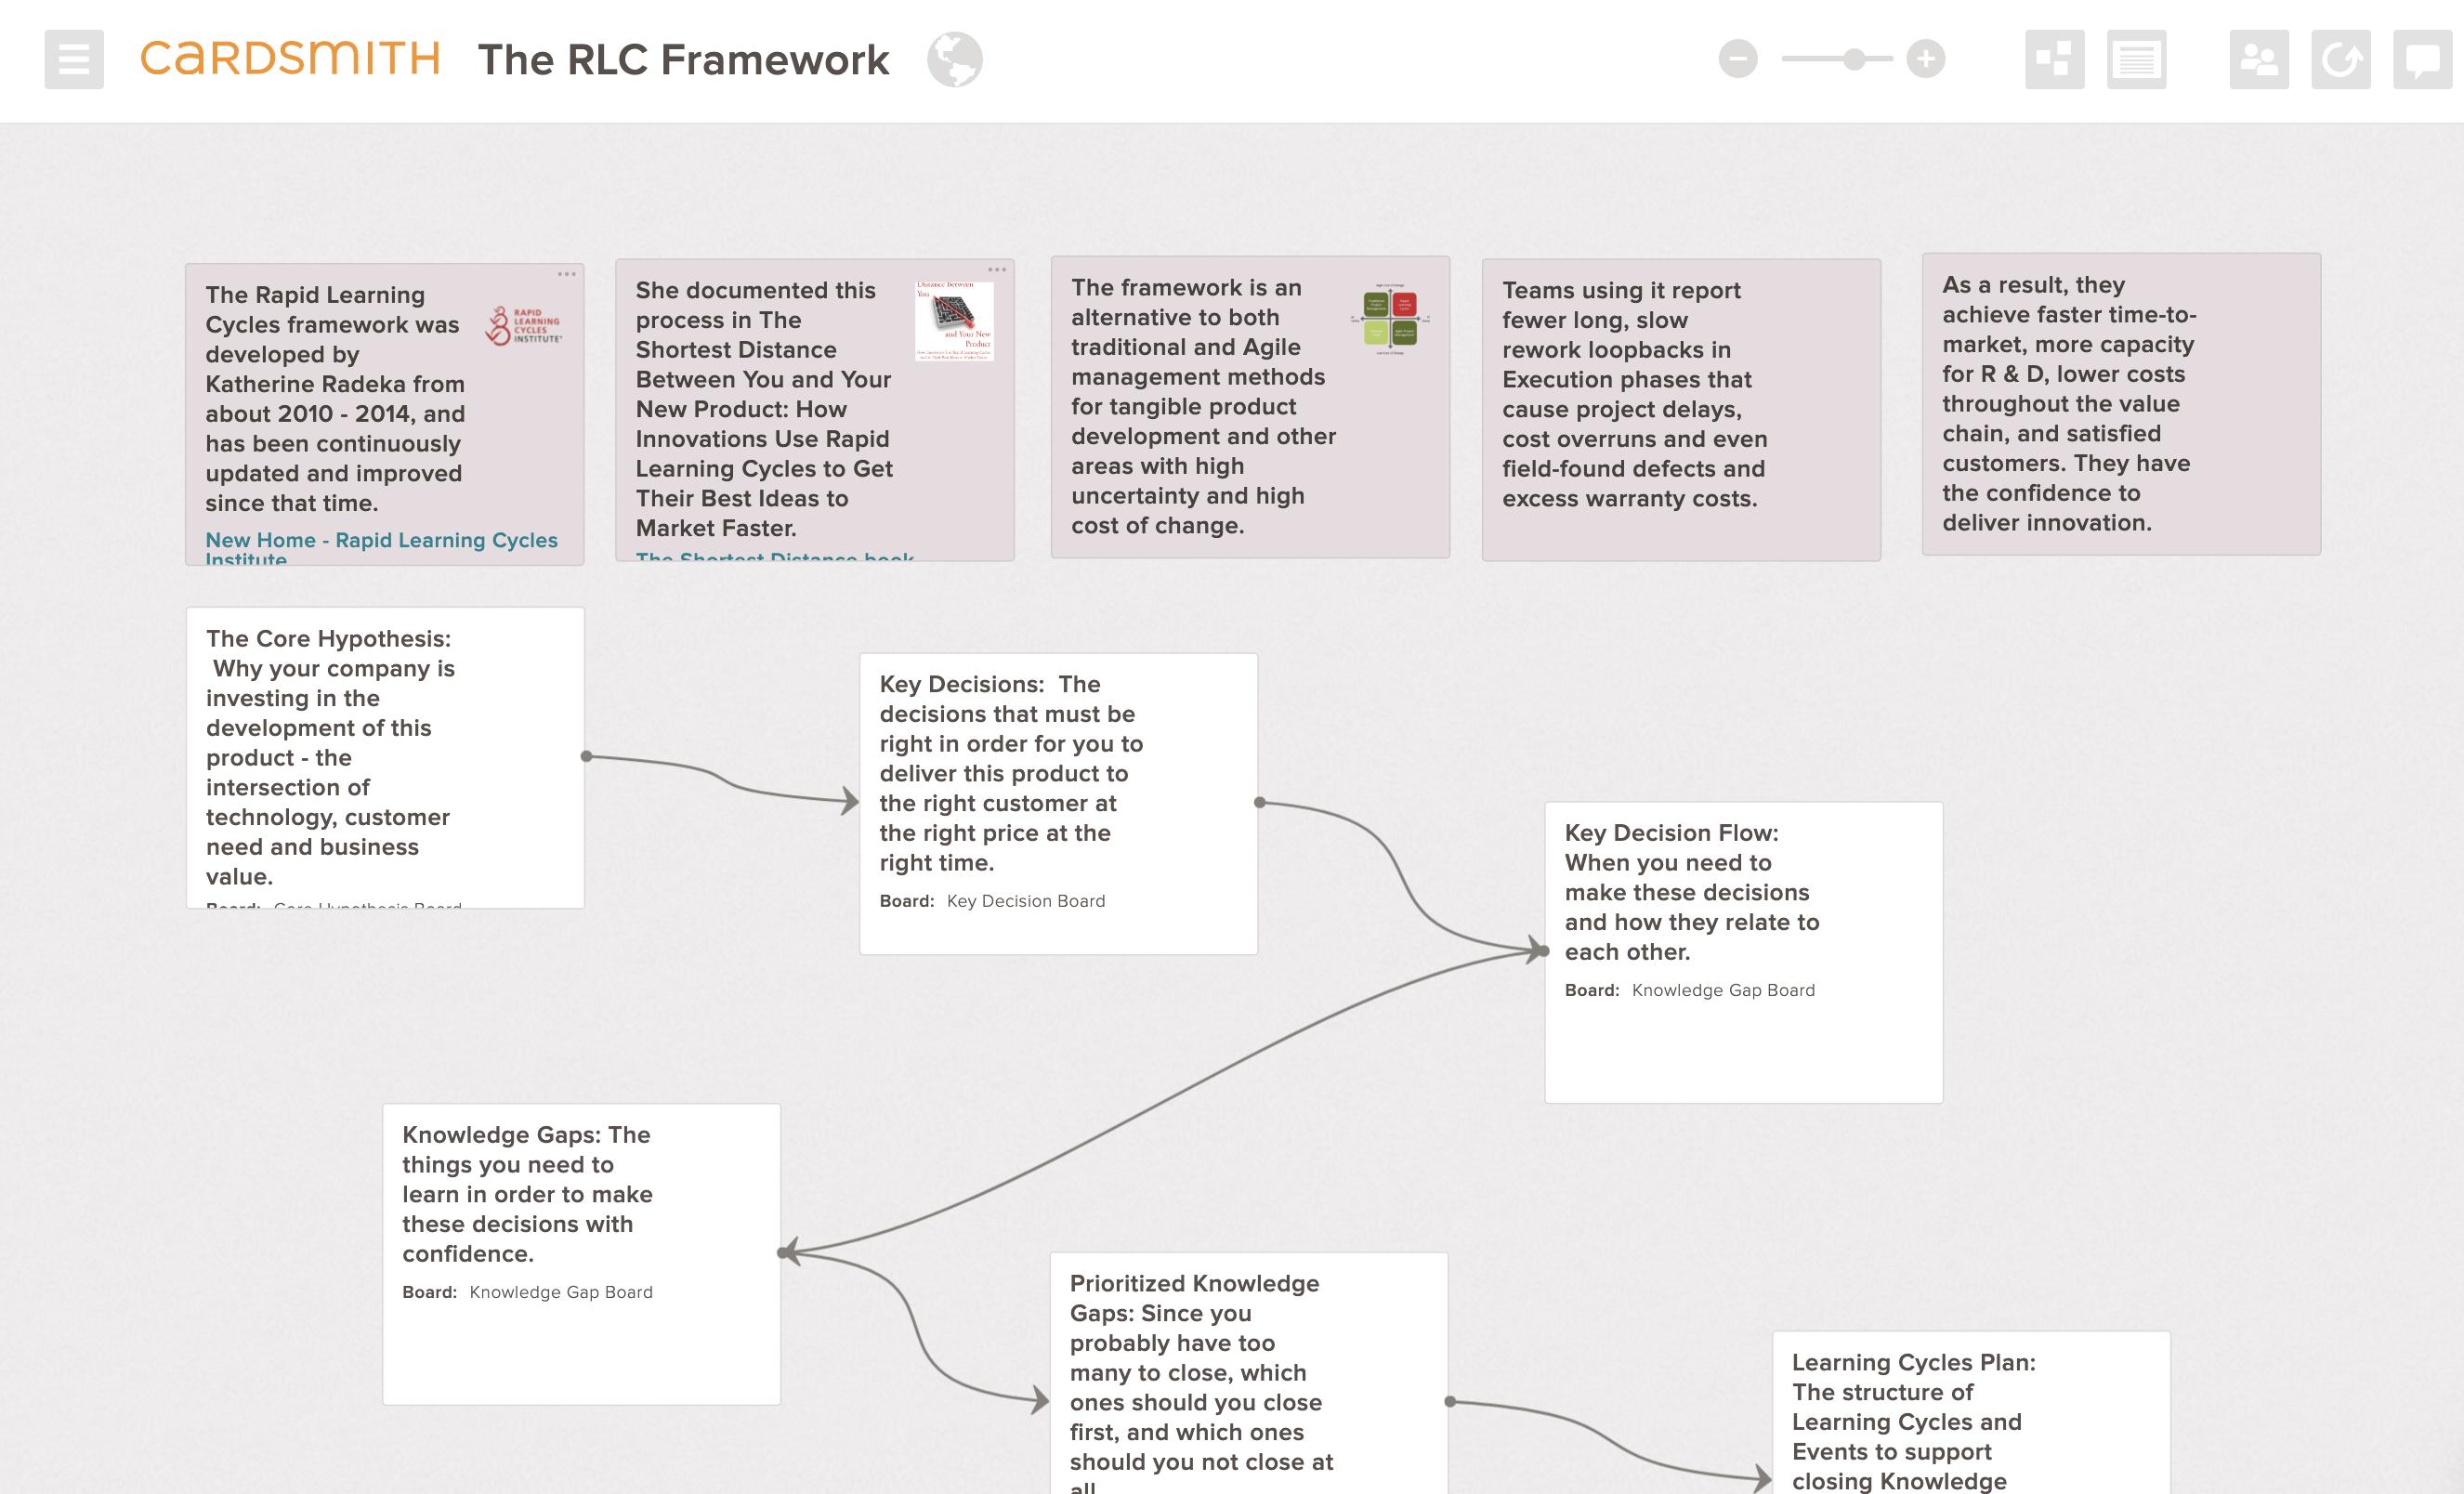 rlc framework flow diagram